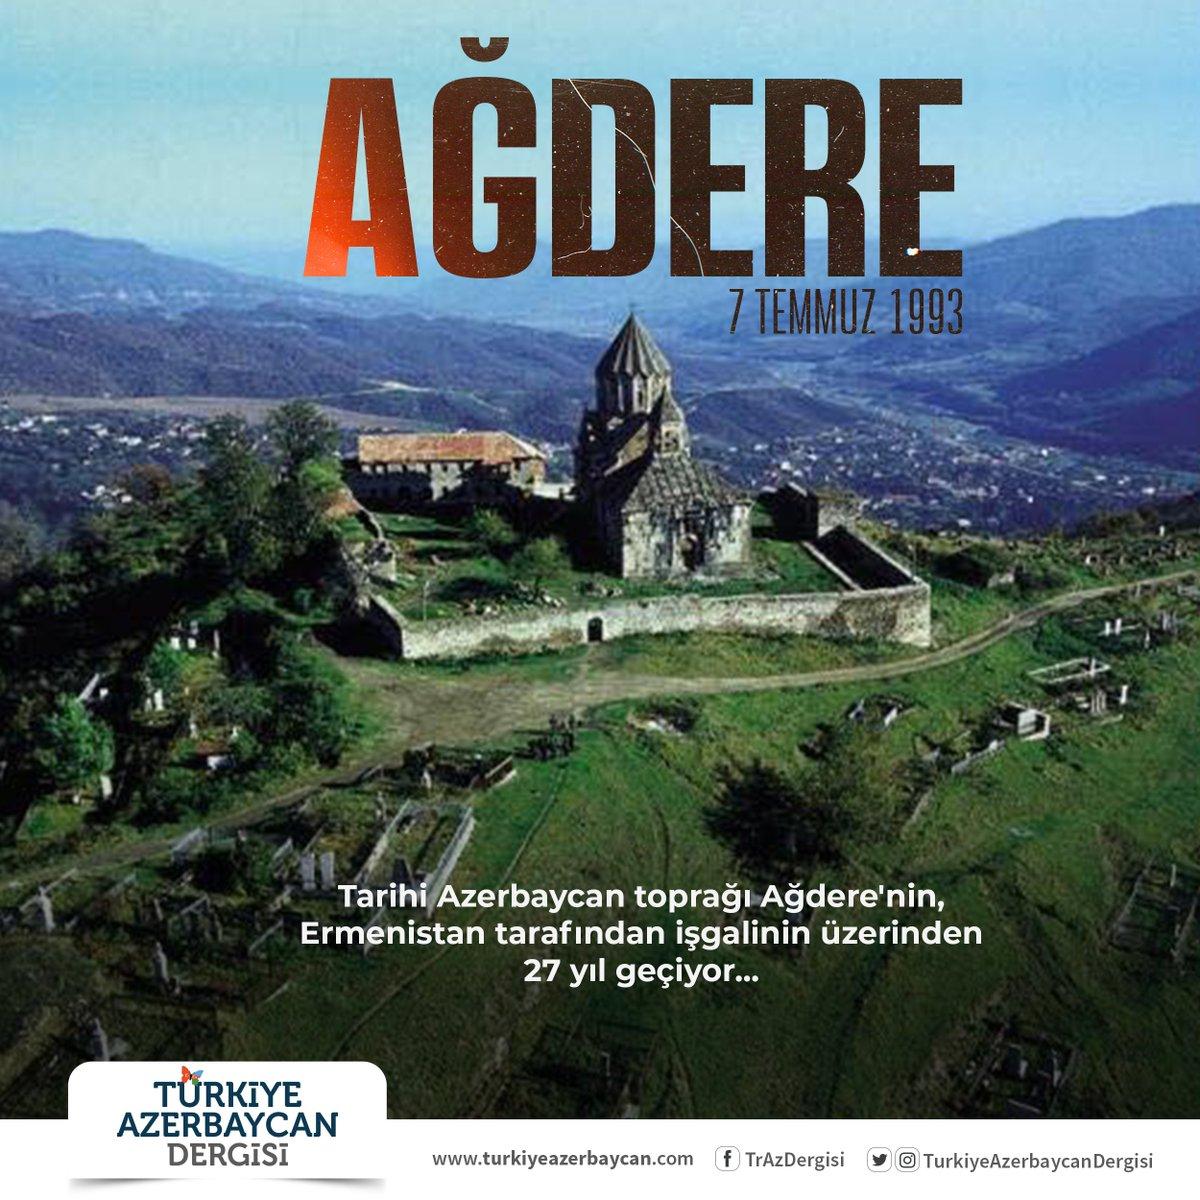 Tarihi Azerbaycan toprağı Ağdere'nin, Ermenistan tarafından işgalinin üzerinden 27 yıl geçiyor... https://t.co/Ky8f7Gr63m